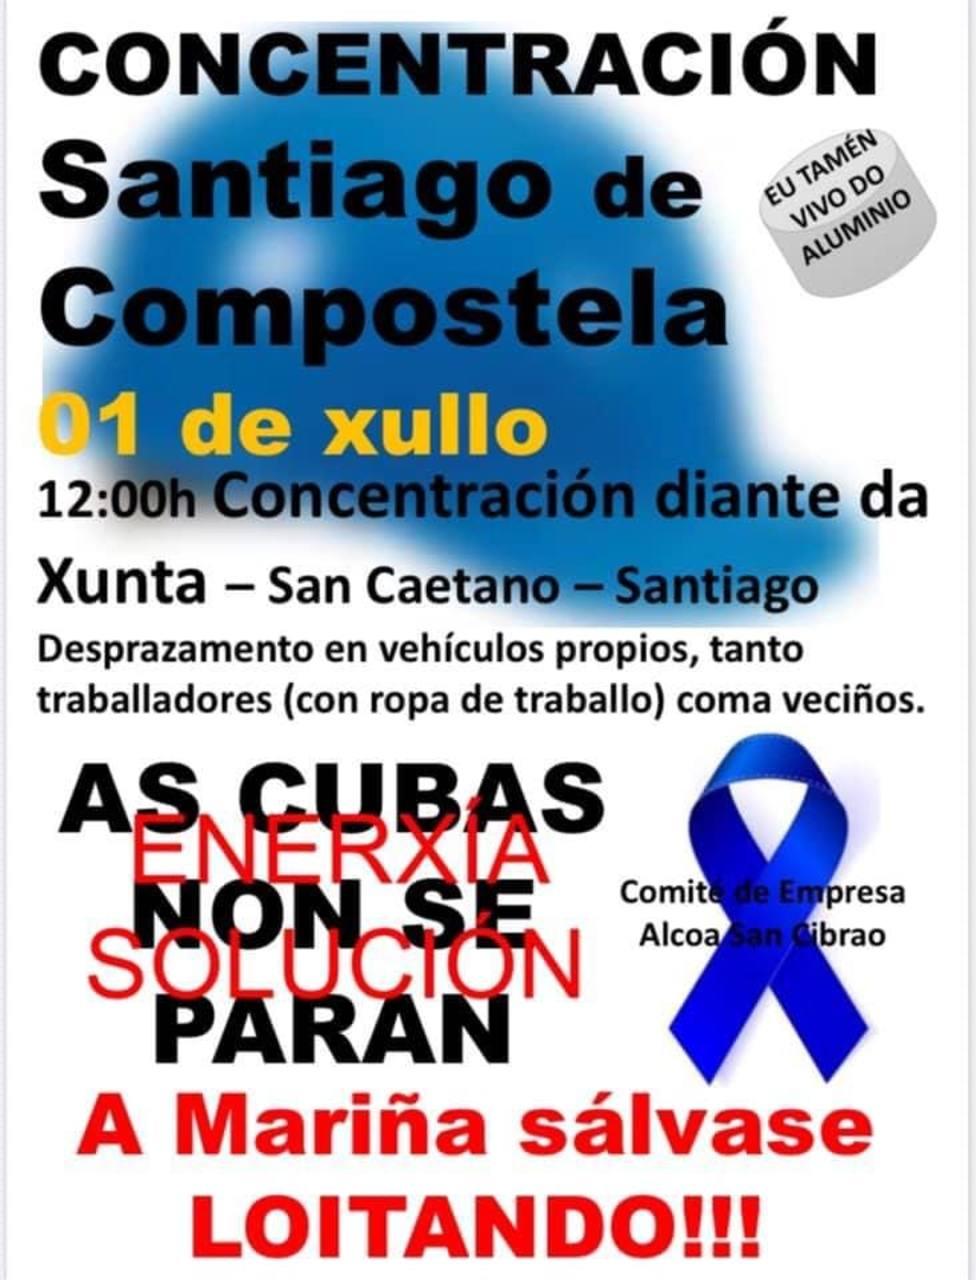 Cartel convocatoria para la concentración en Santiago de Compostela